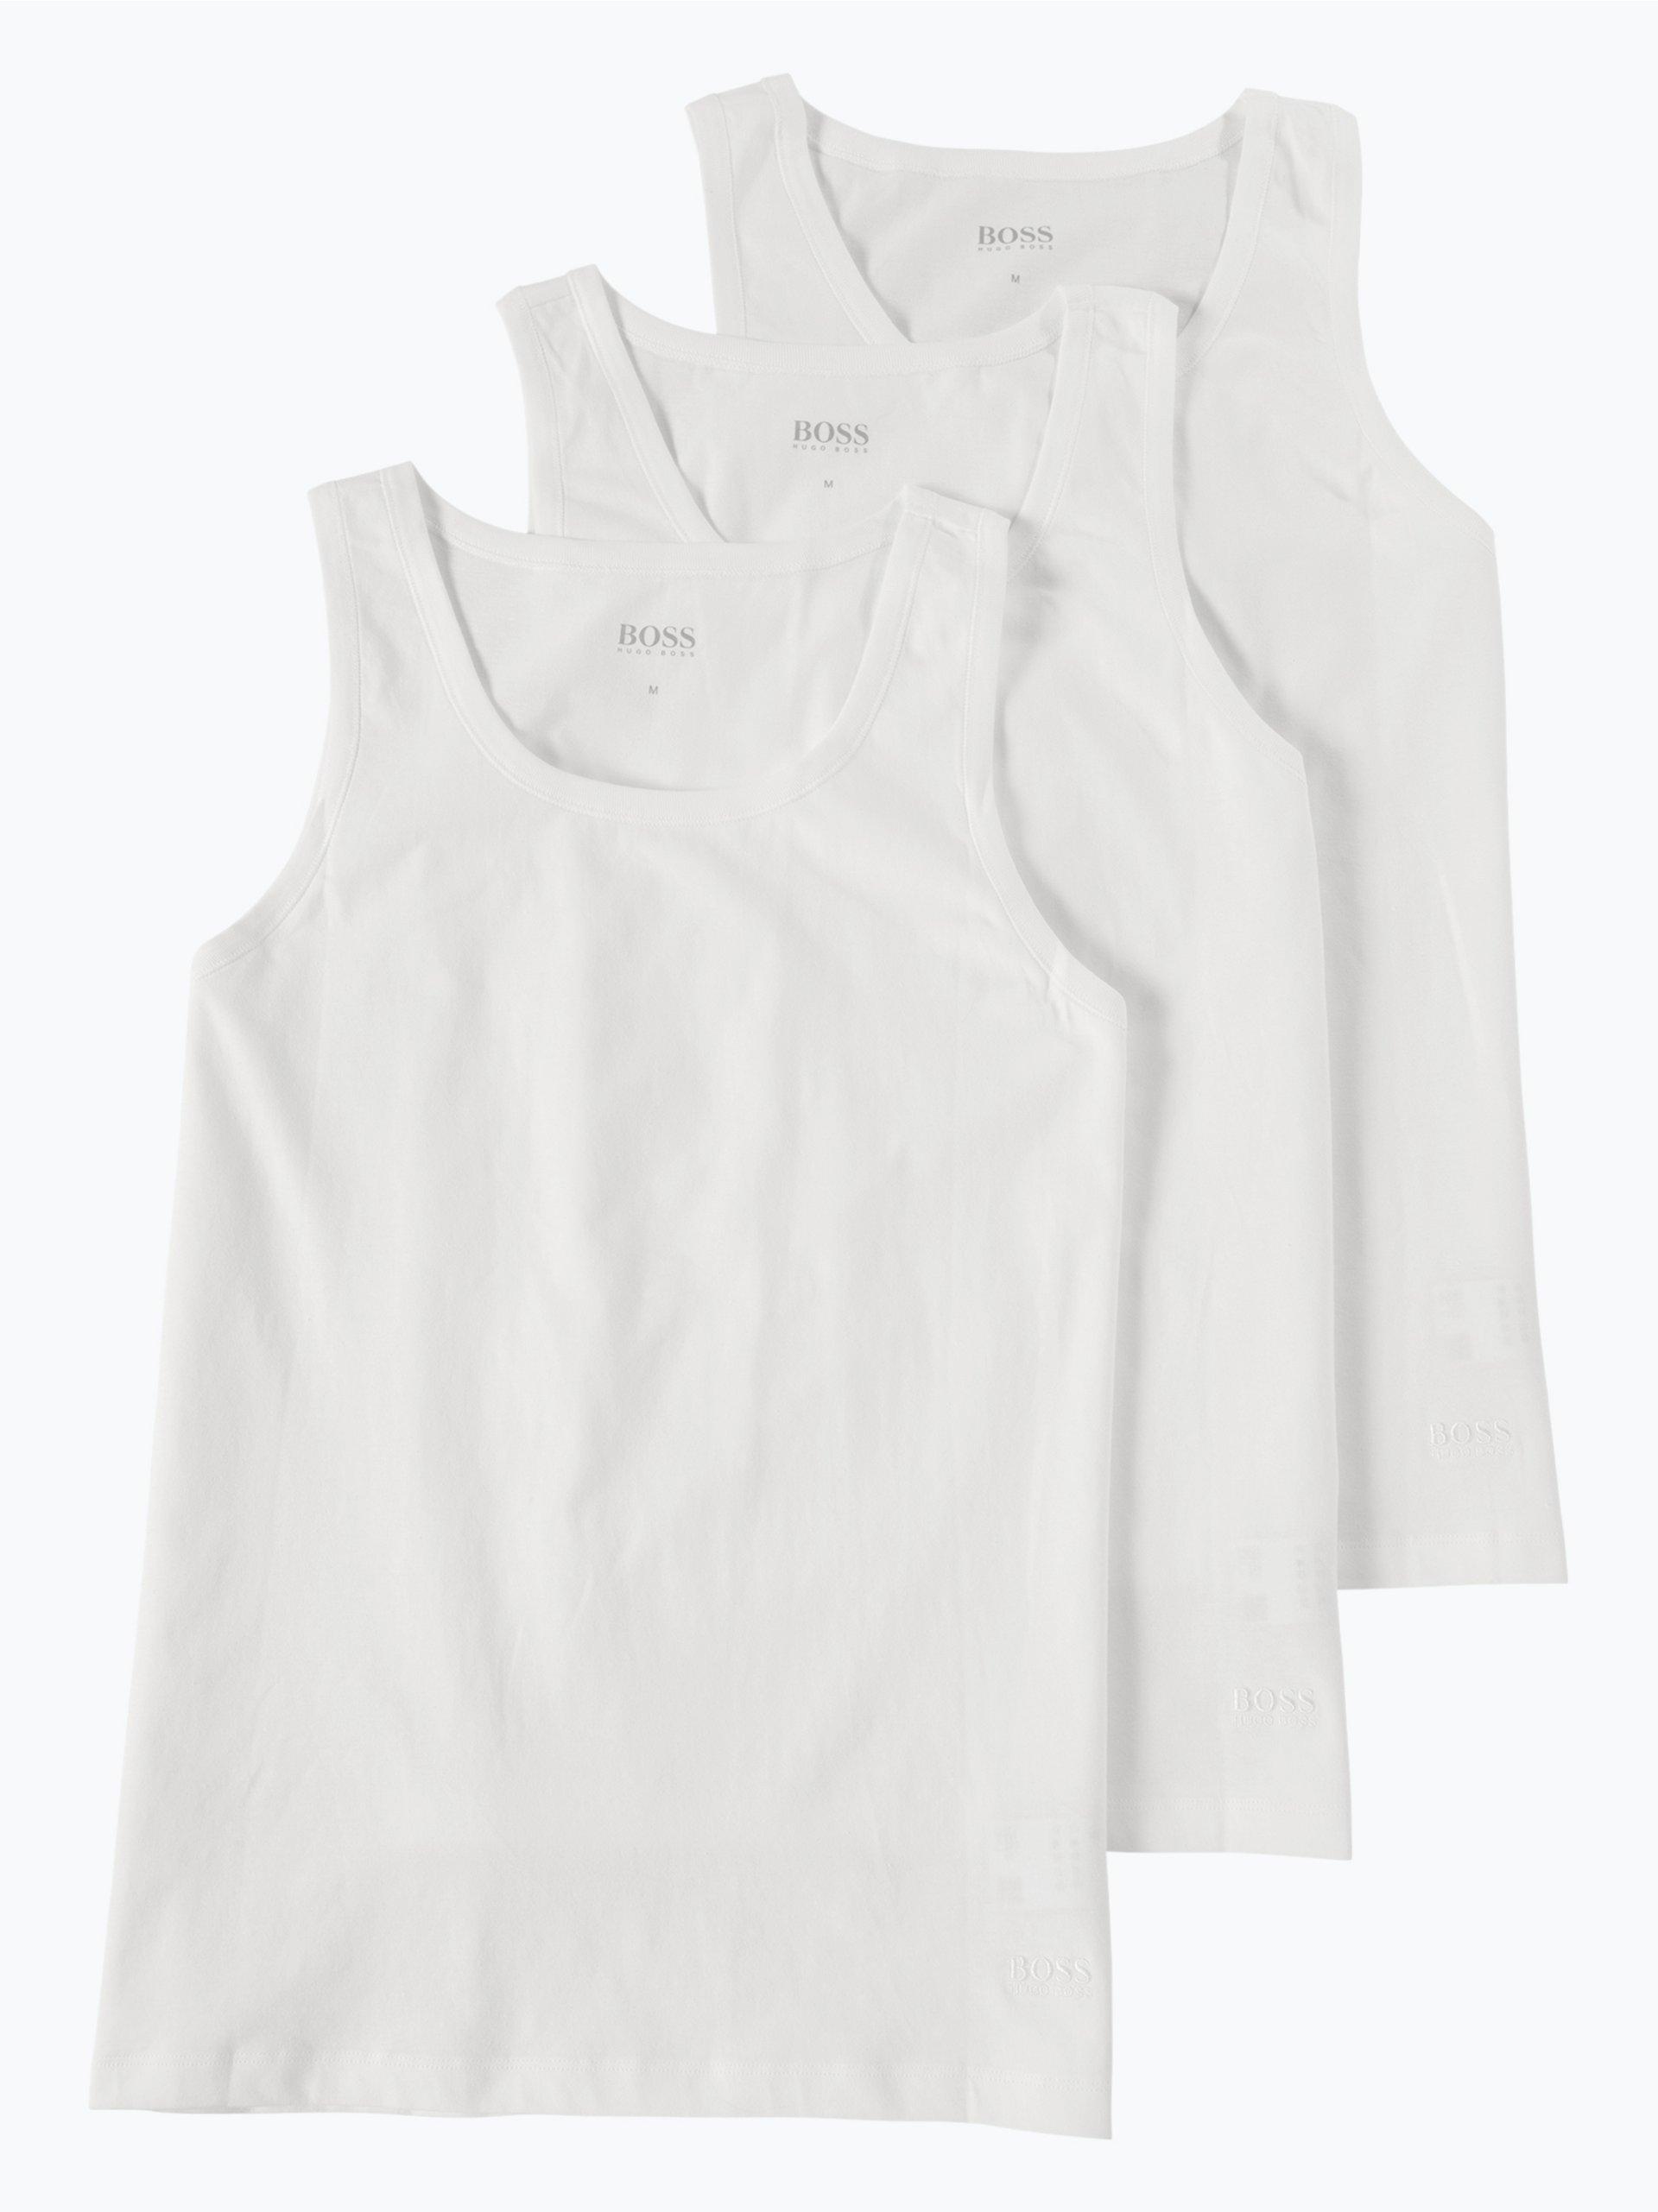 BOSS Herren Unterhemd im 3er-Pack